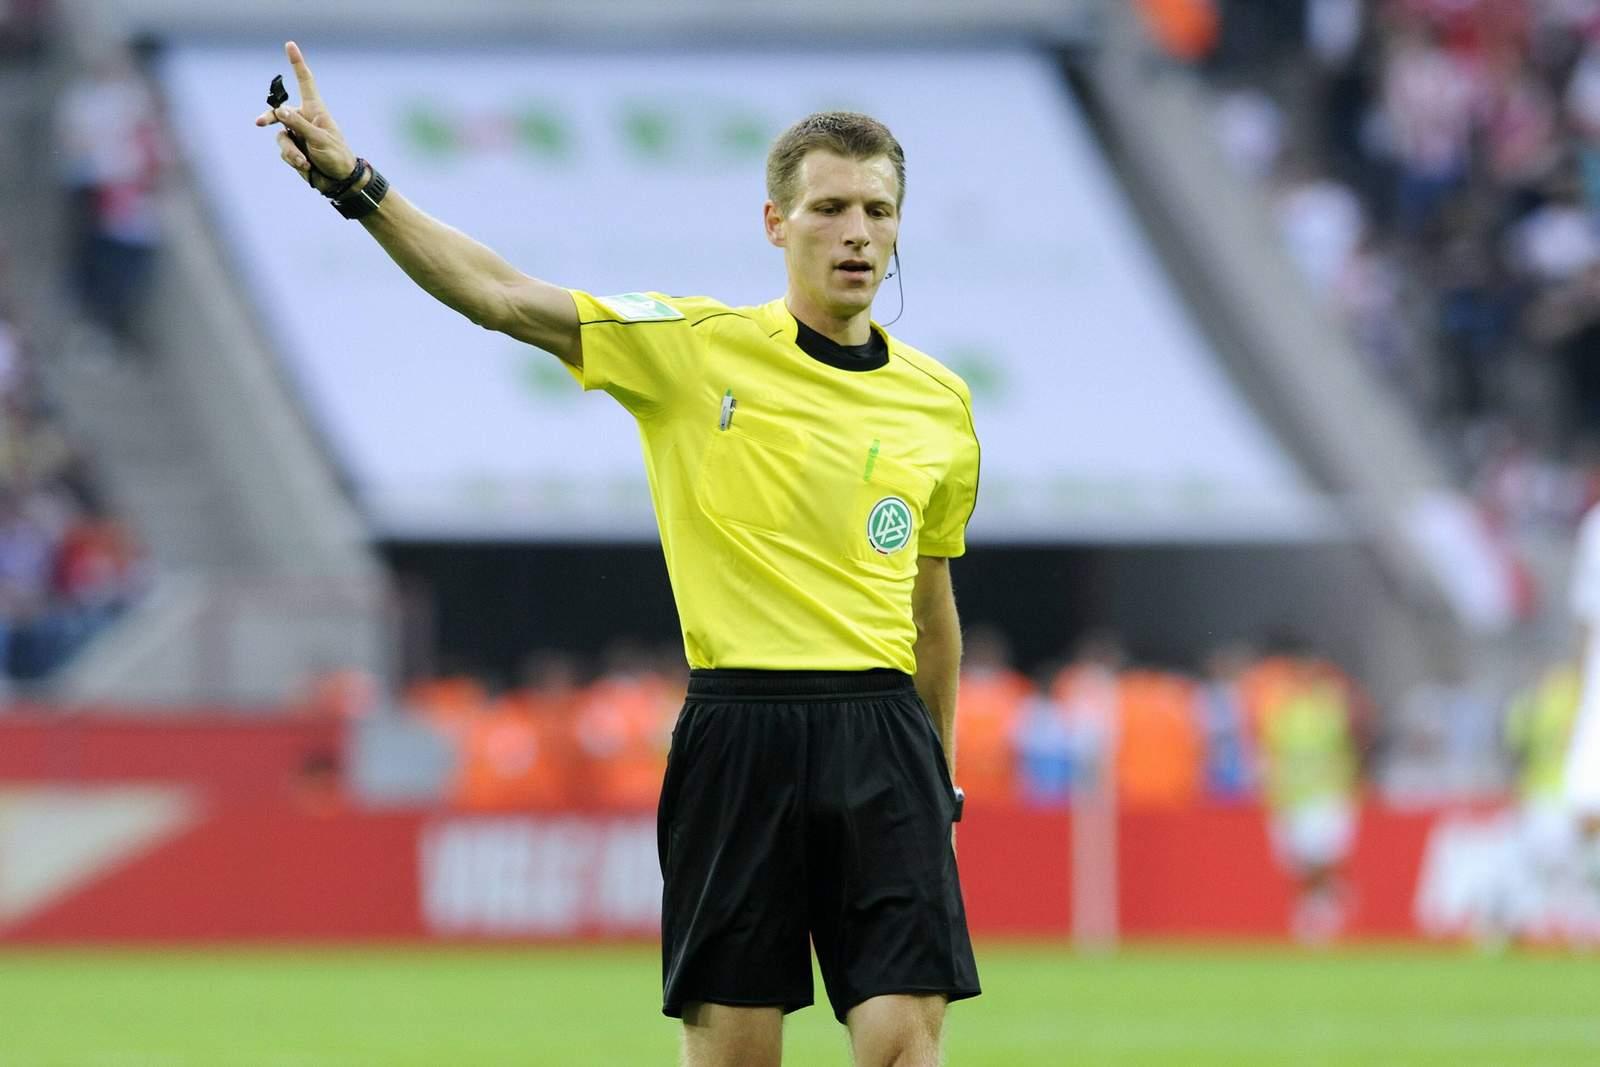 Schiedsrichter Benjamin Cortus